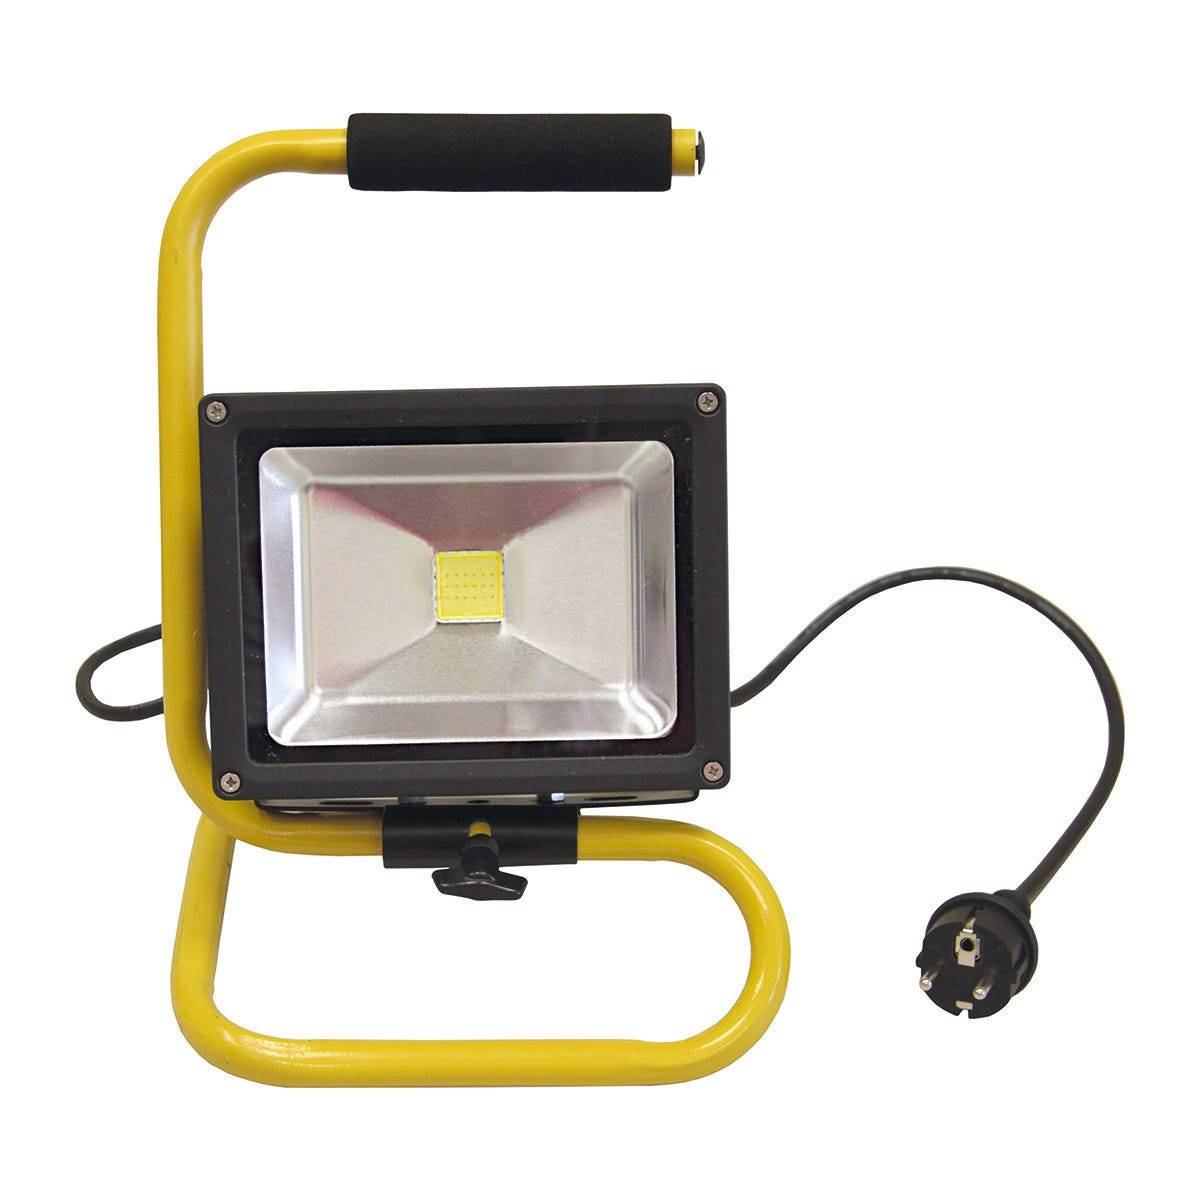 Proiettore Led Smd Intec Elios 20w 1600 Lumen 4000k Luce Bianca Colore Nero C/maniglia Ip65